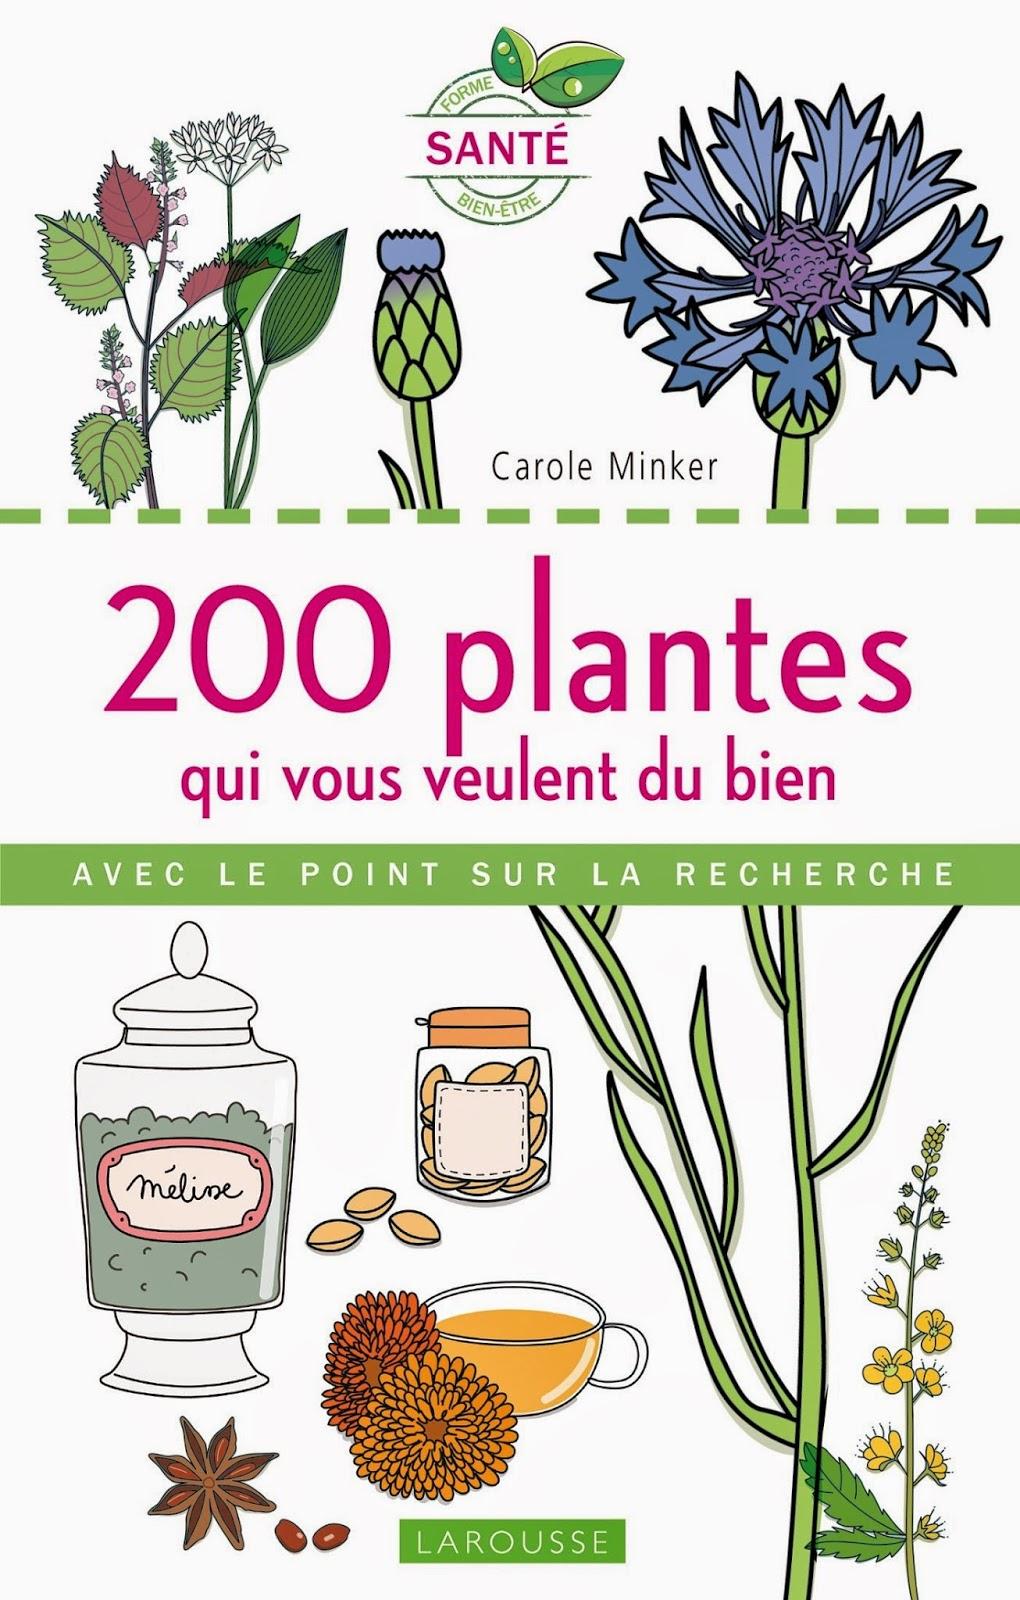 http://www.amazon.fr/200-plantes-vous-veulent-bien/dp/2035873096/ref=sr_1_9?s=books&ie=UTF8&qid=1422627026&sr=1-9&